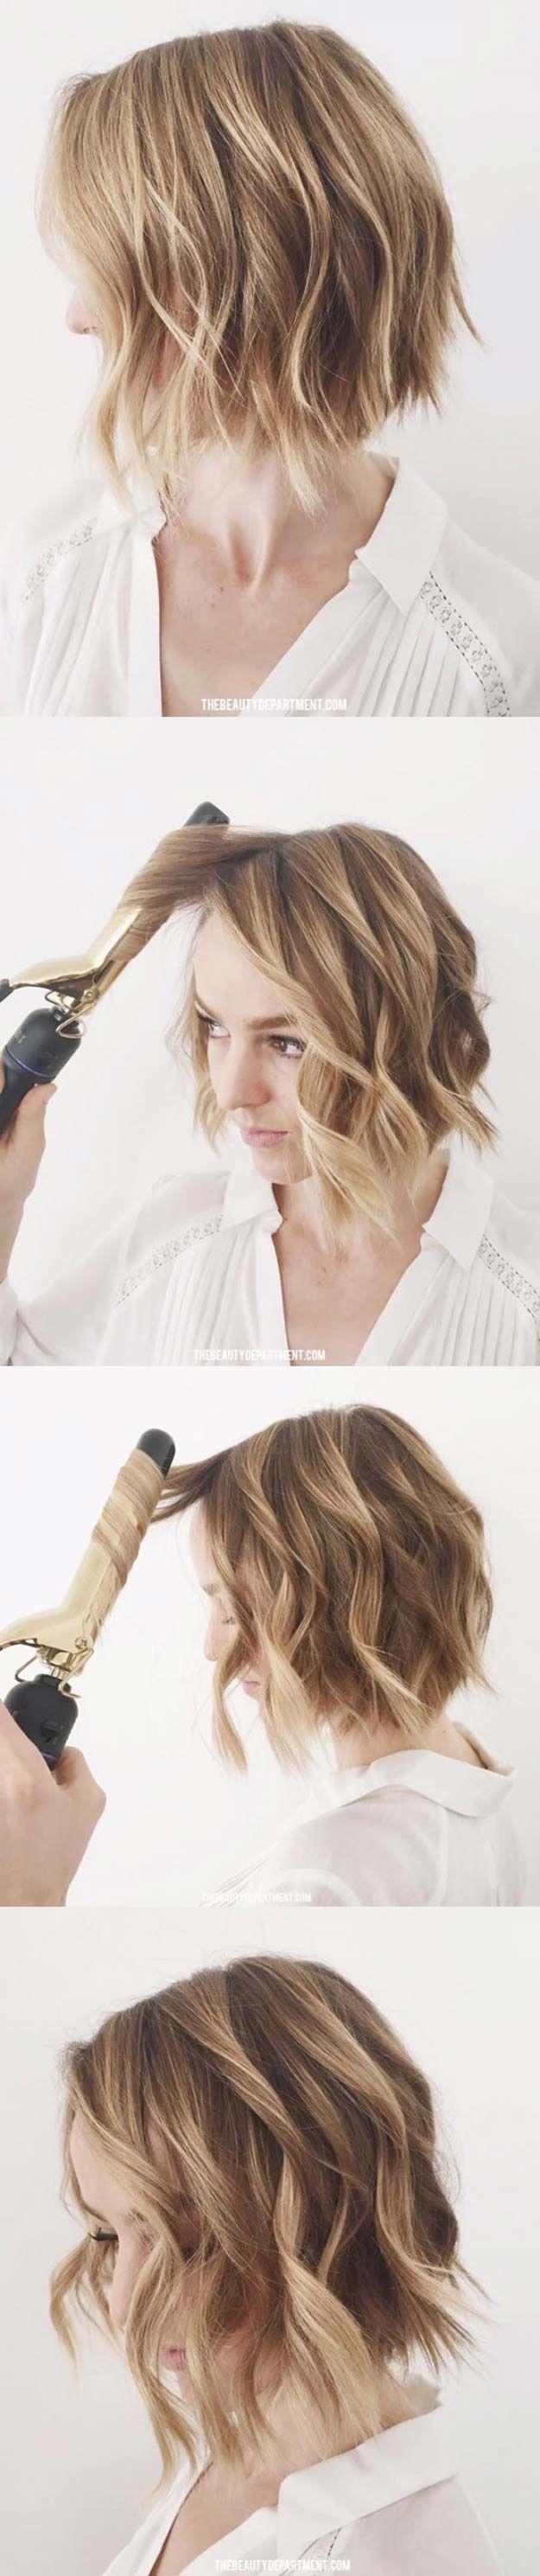 Beste Frisuren für die 60er  Flat Iron Wave Trick  Beste Frisuren für Frauen i...,  #60er #Be... #flatironwaves